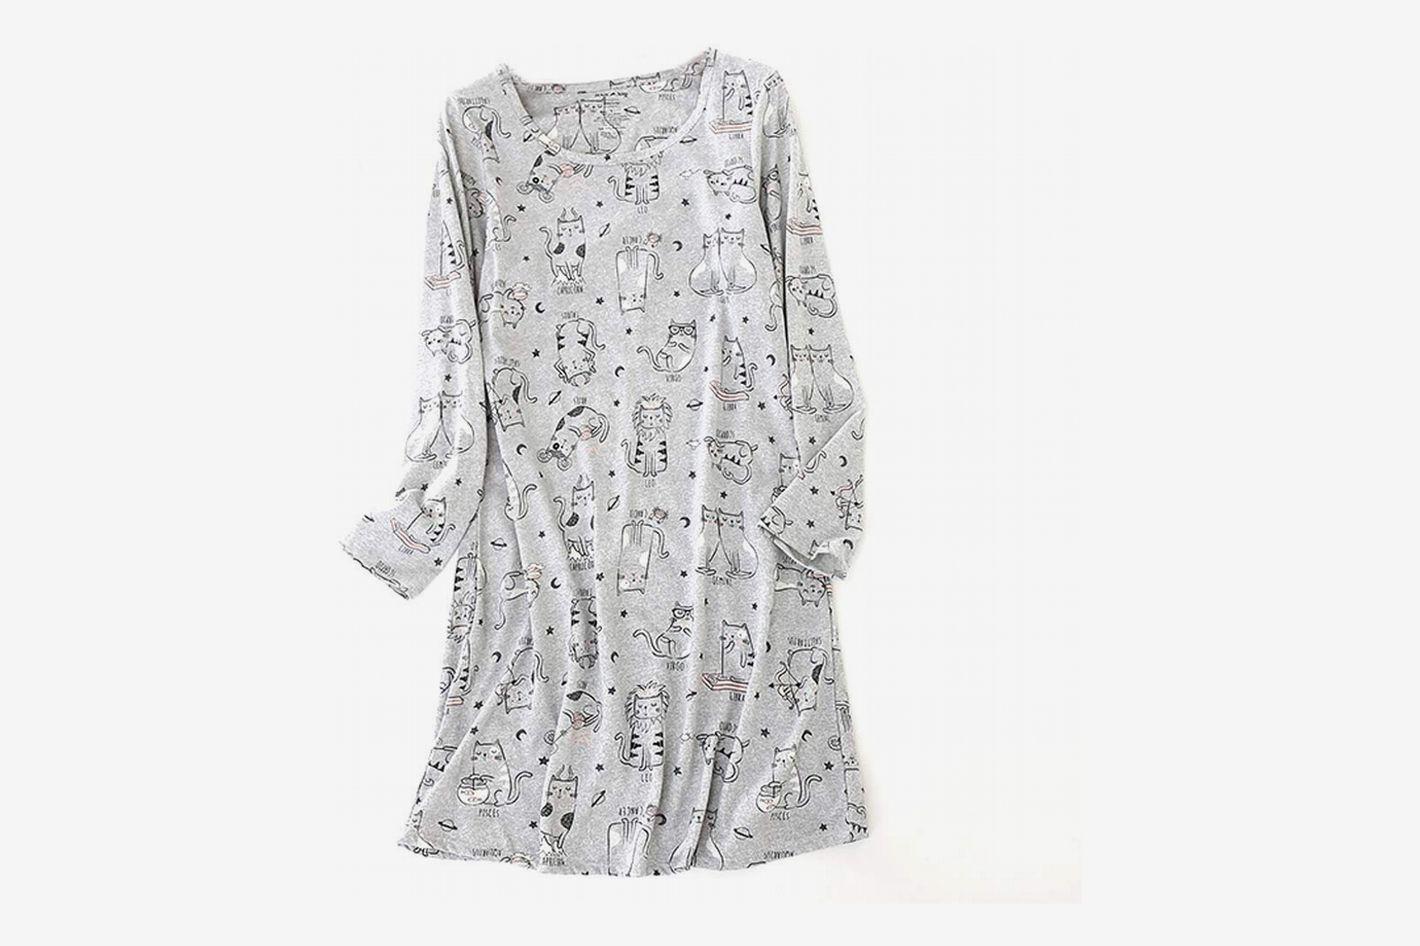 6883d623dc9 ENJOYNIGHT Women s Cotton Sleepwear Long Sleeves Nightgown